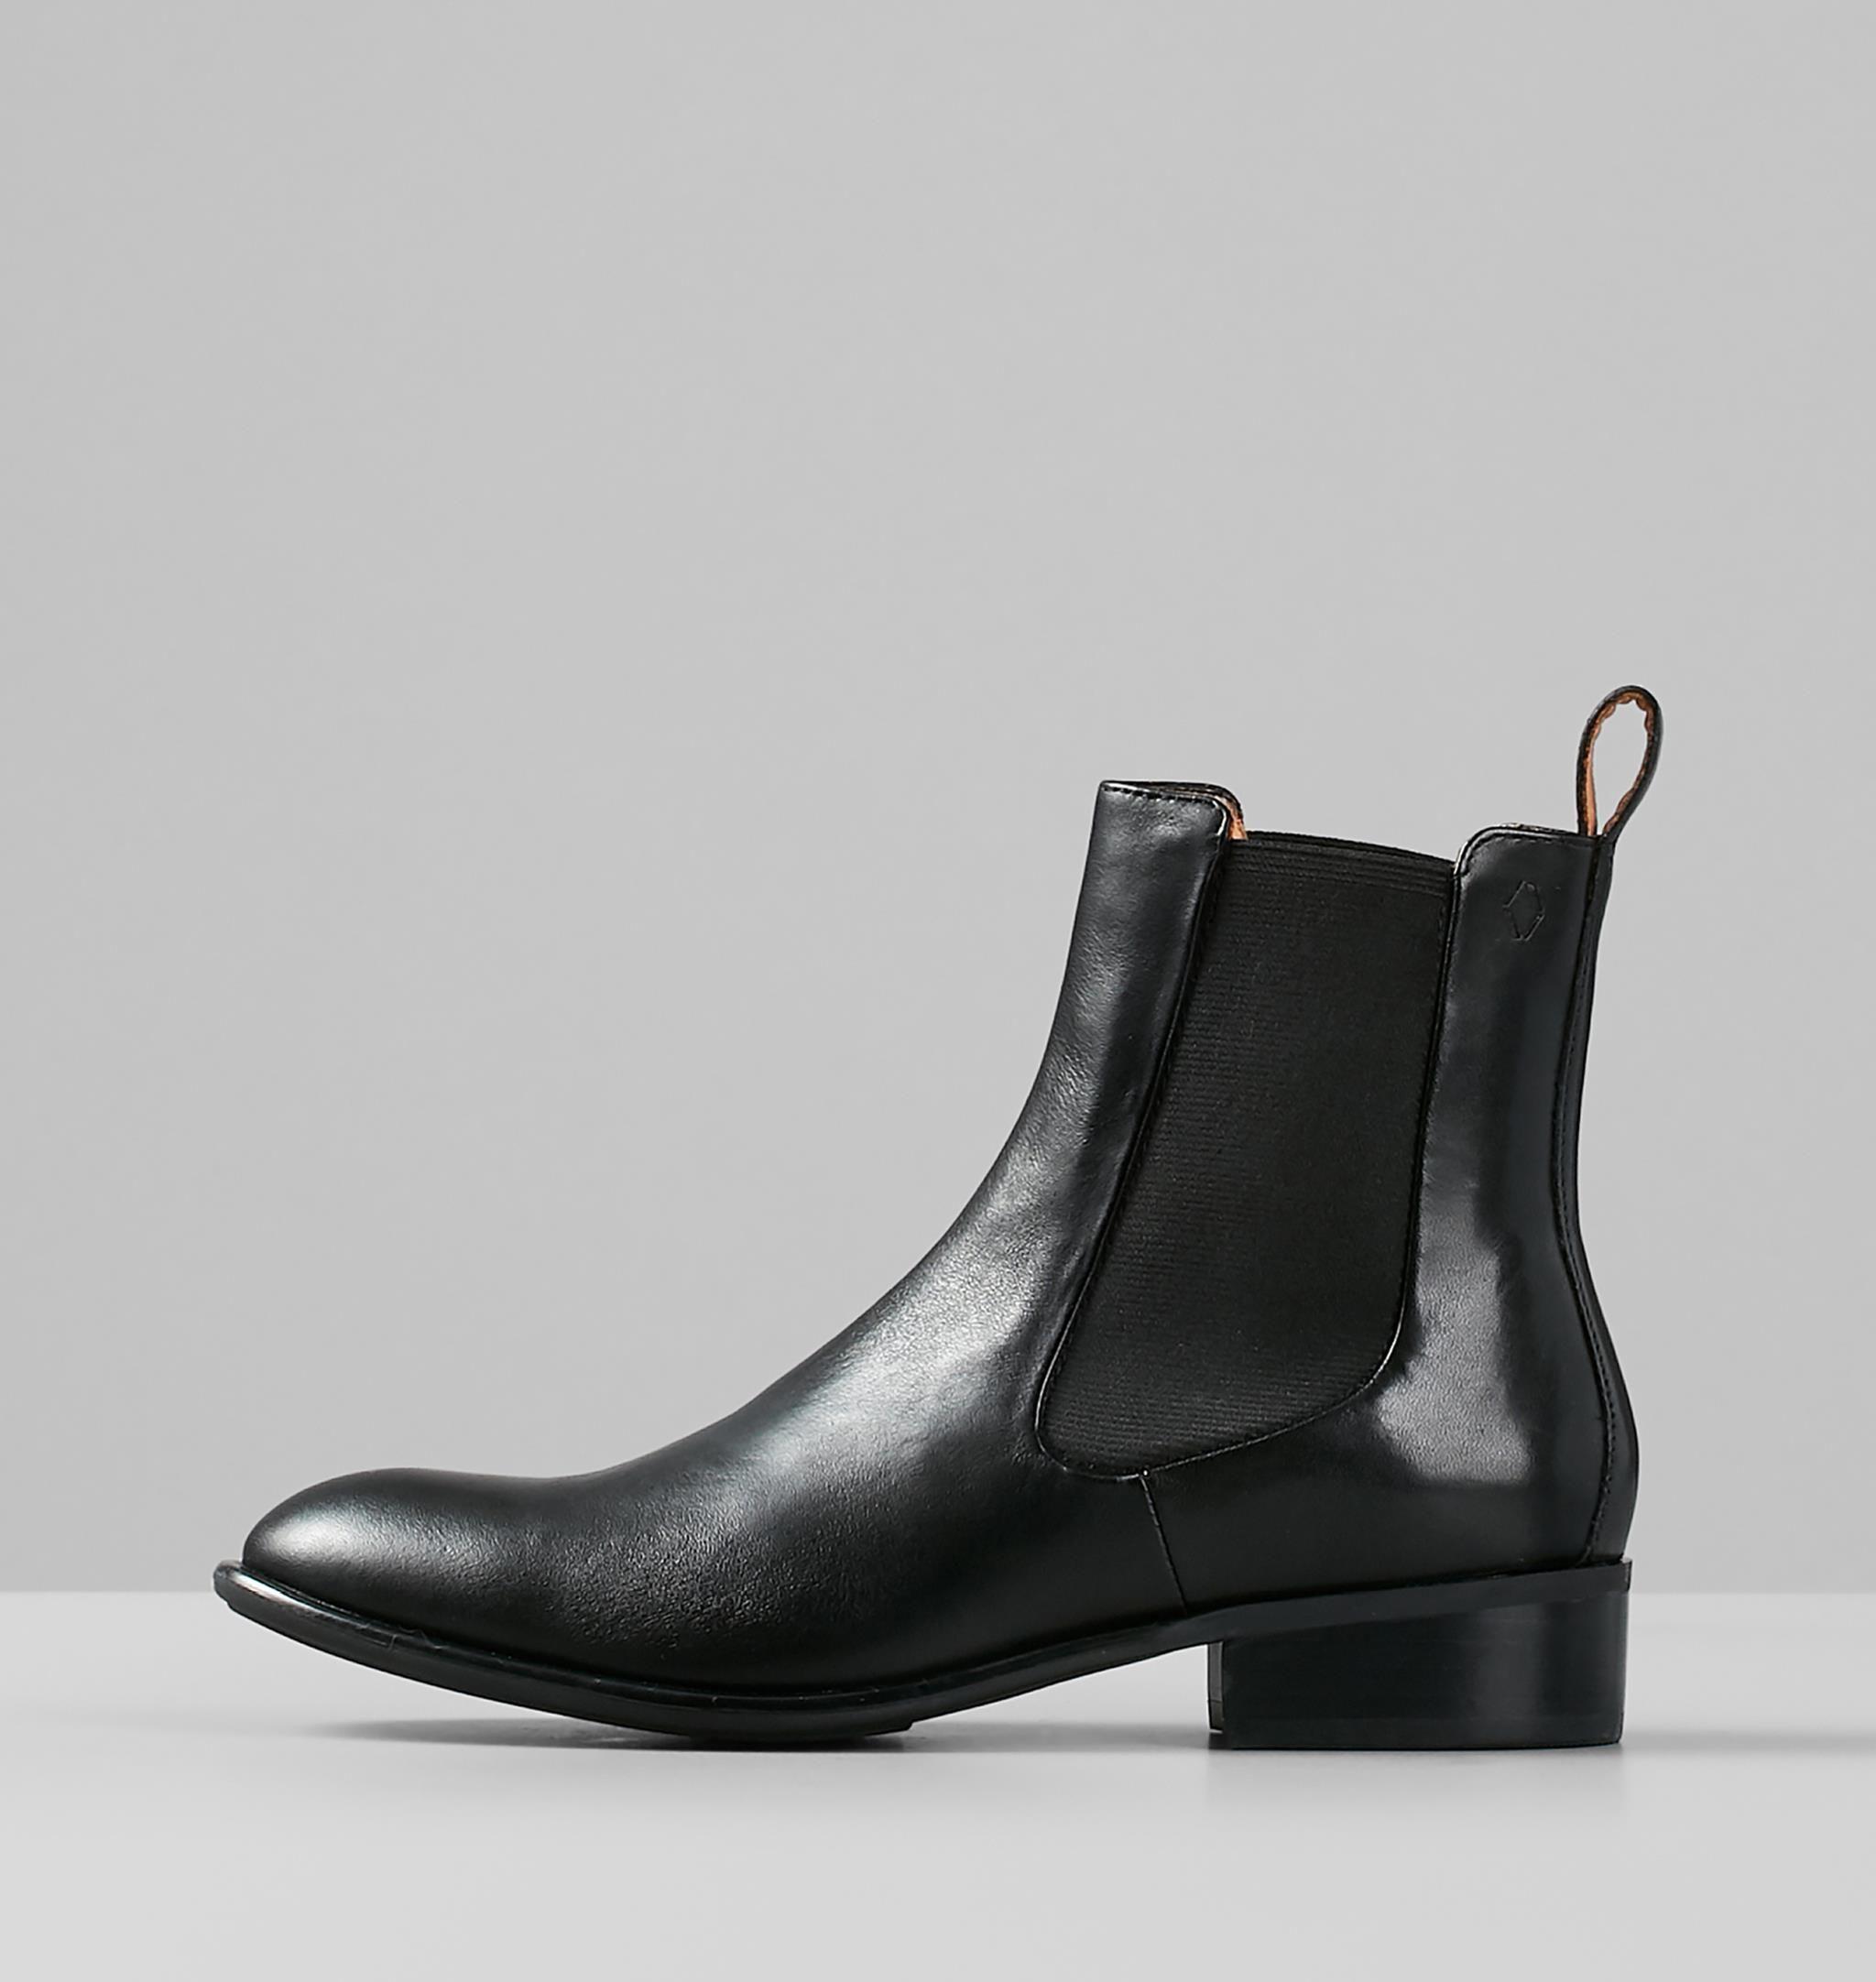 Eva låg Stövlar & boots Köp online på åhlens.se!